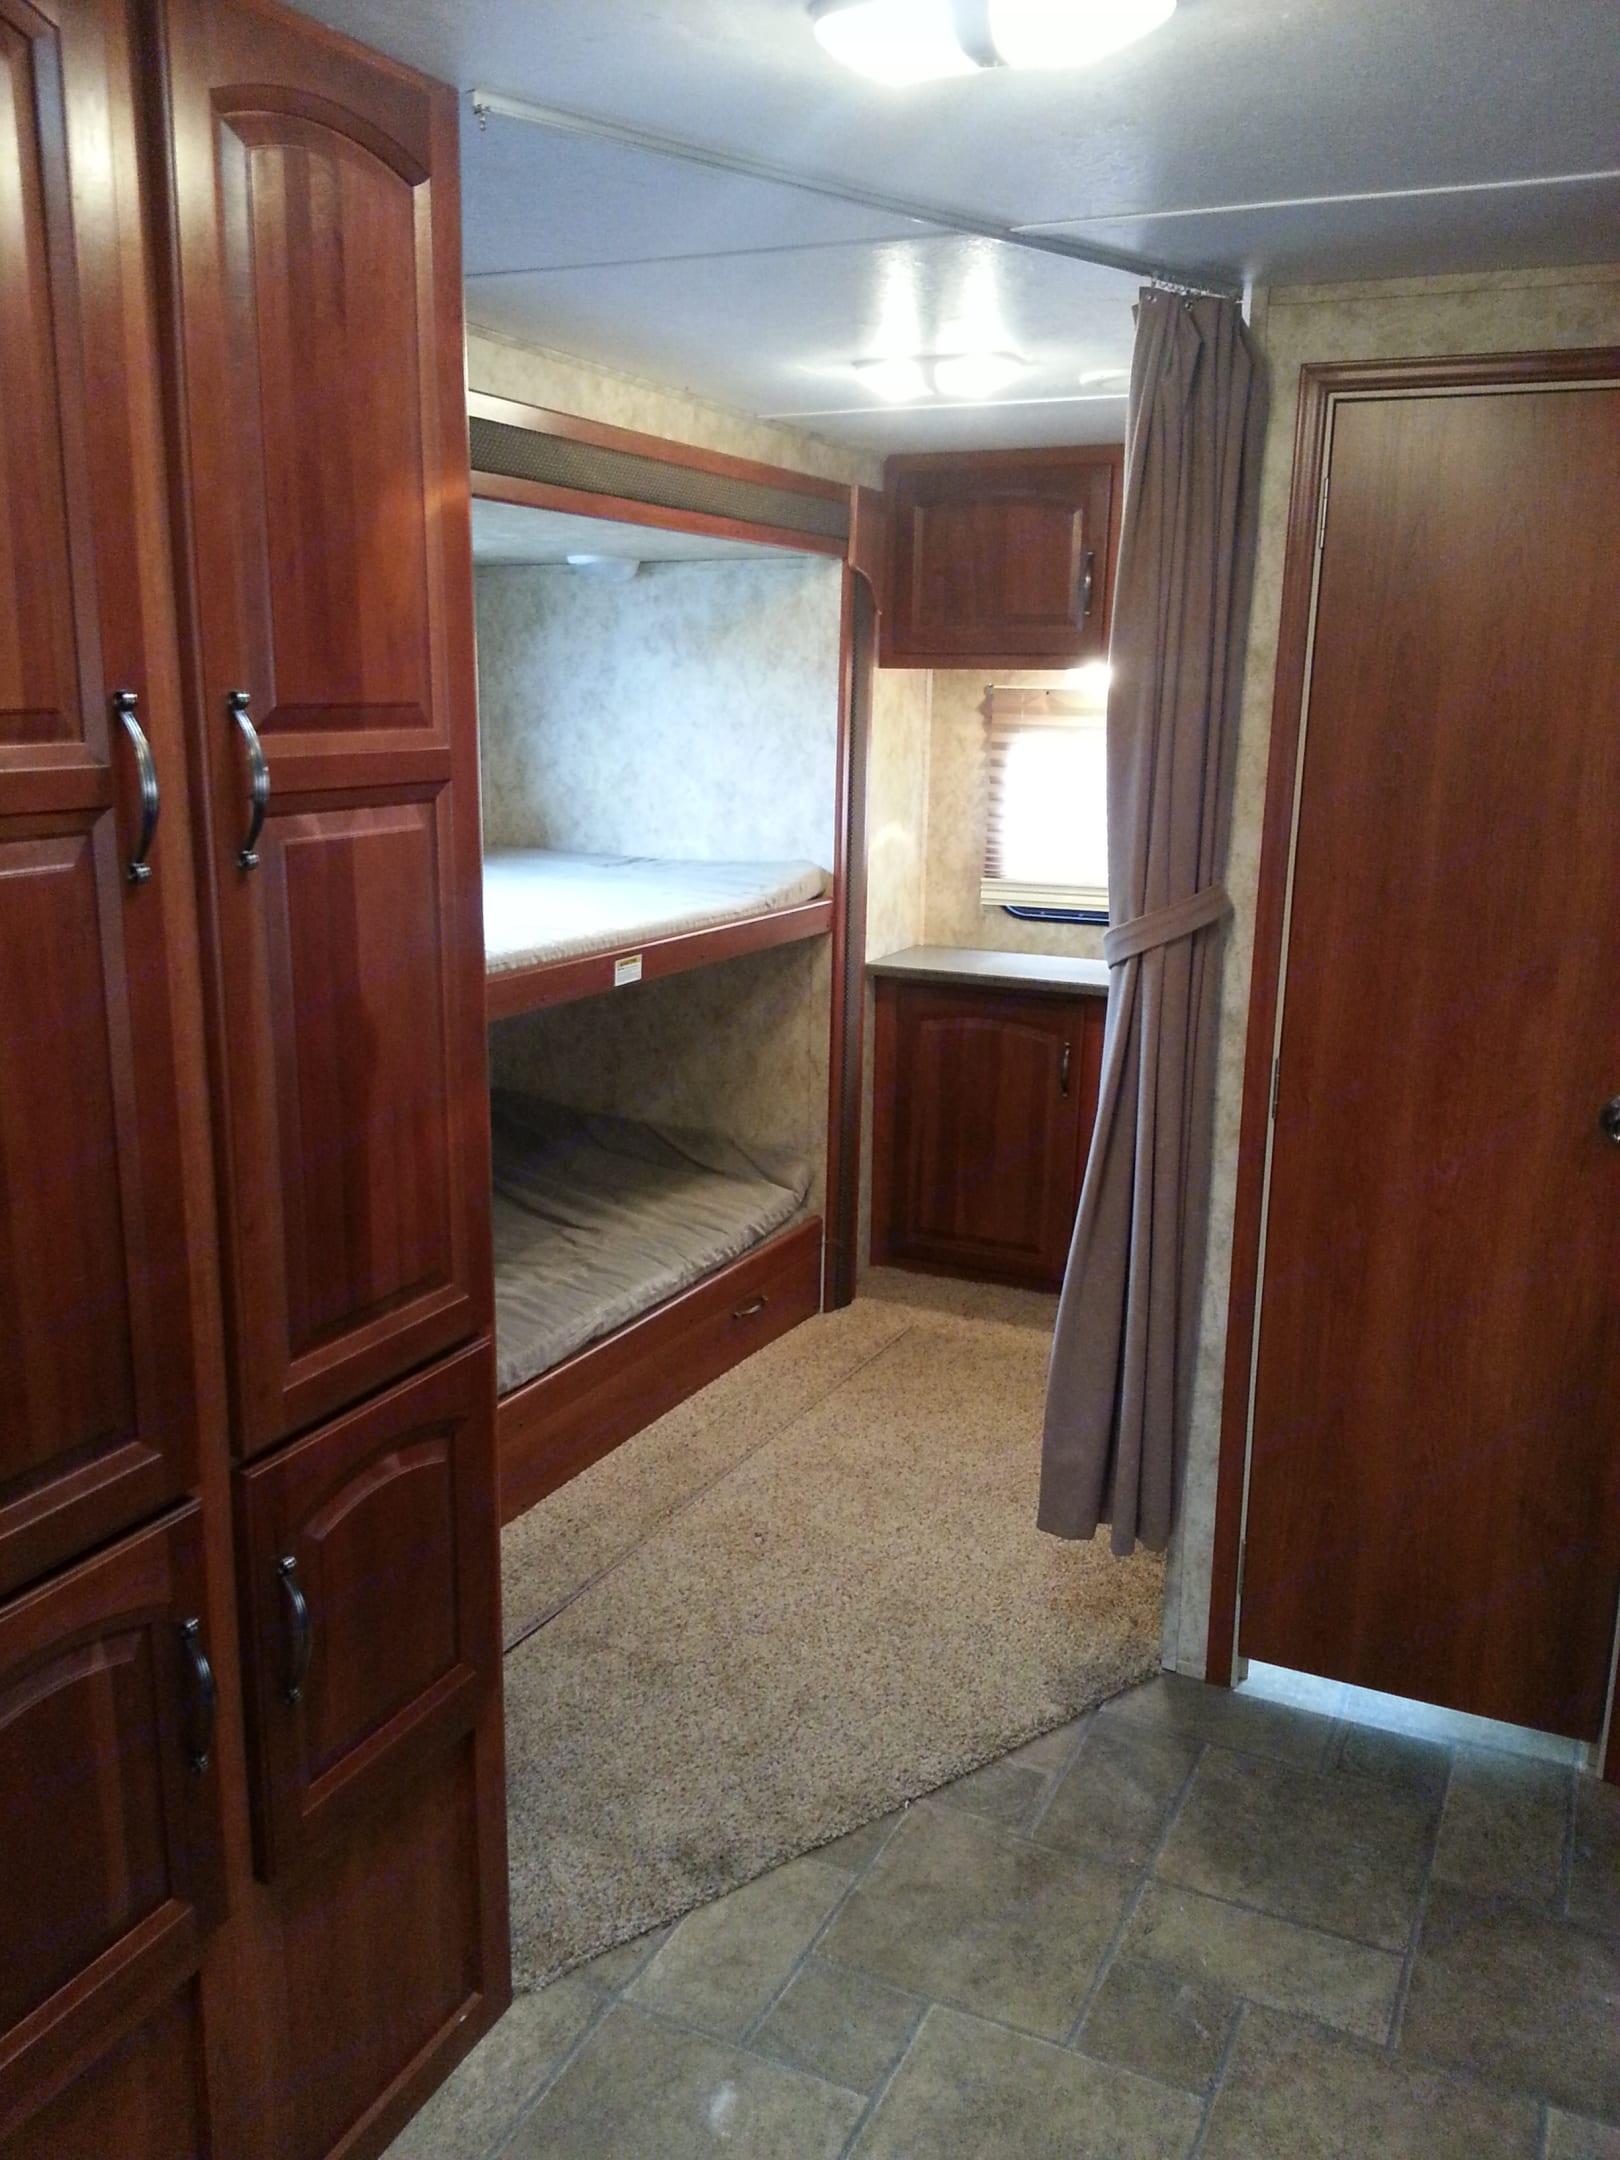 2 twin size bunks. Keystone 11C 2011